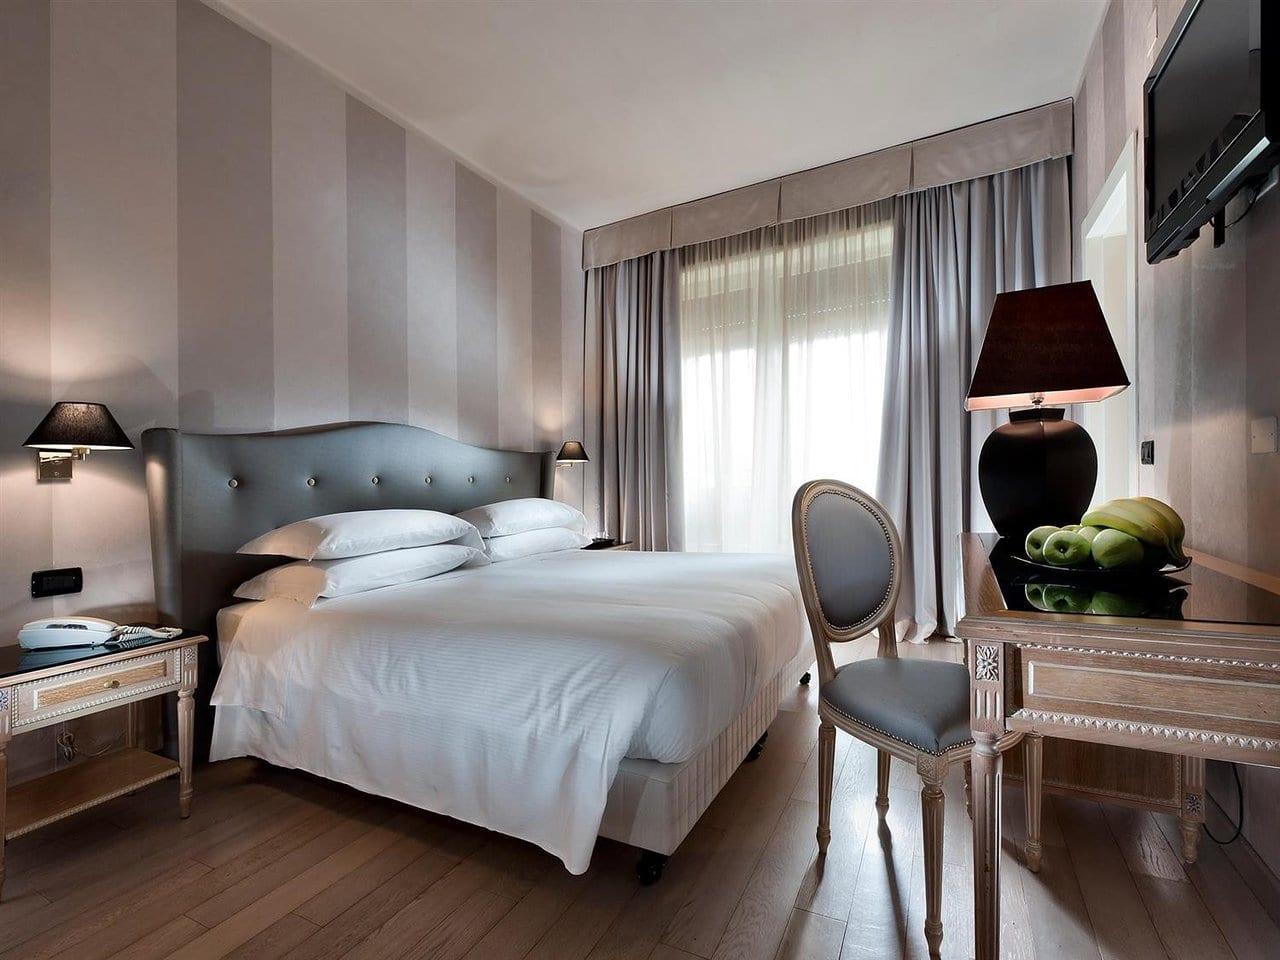 guest room 2 - Florence bezienswaardigheden: 21 tips voor een leuke stedentrip